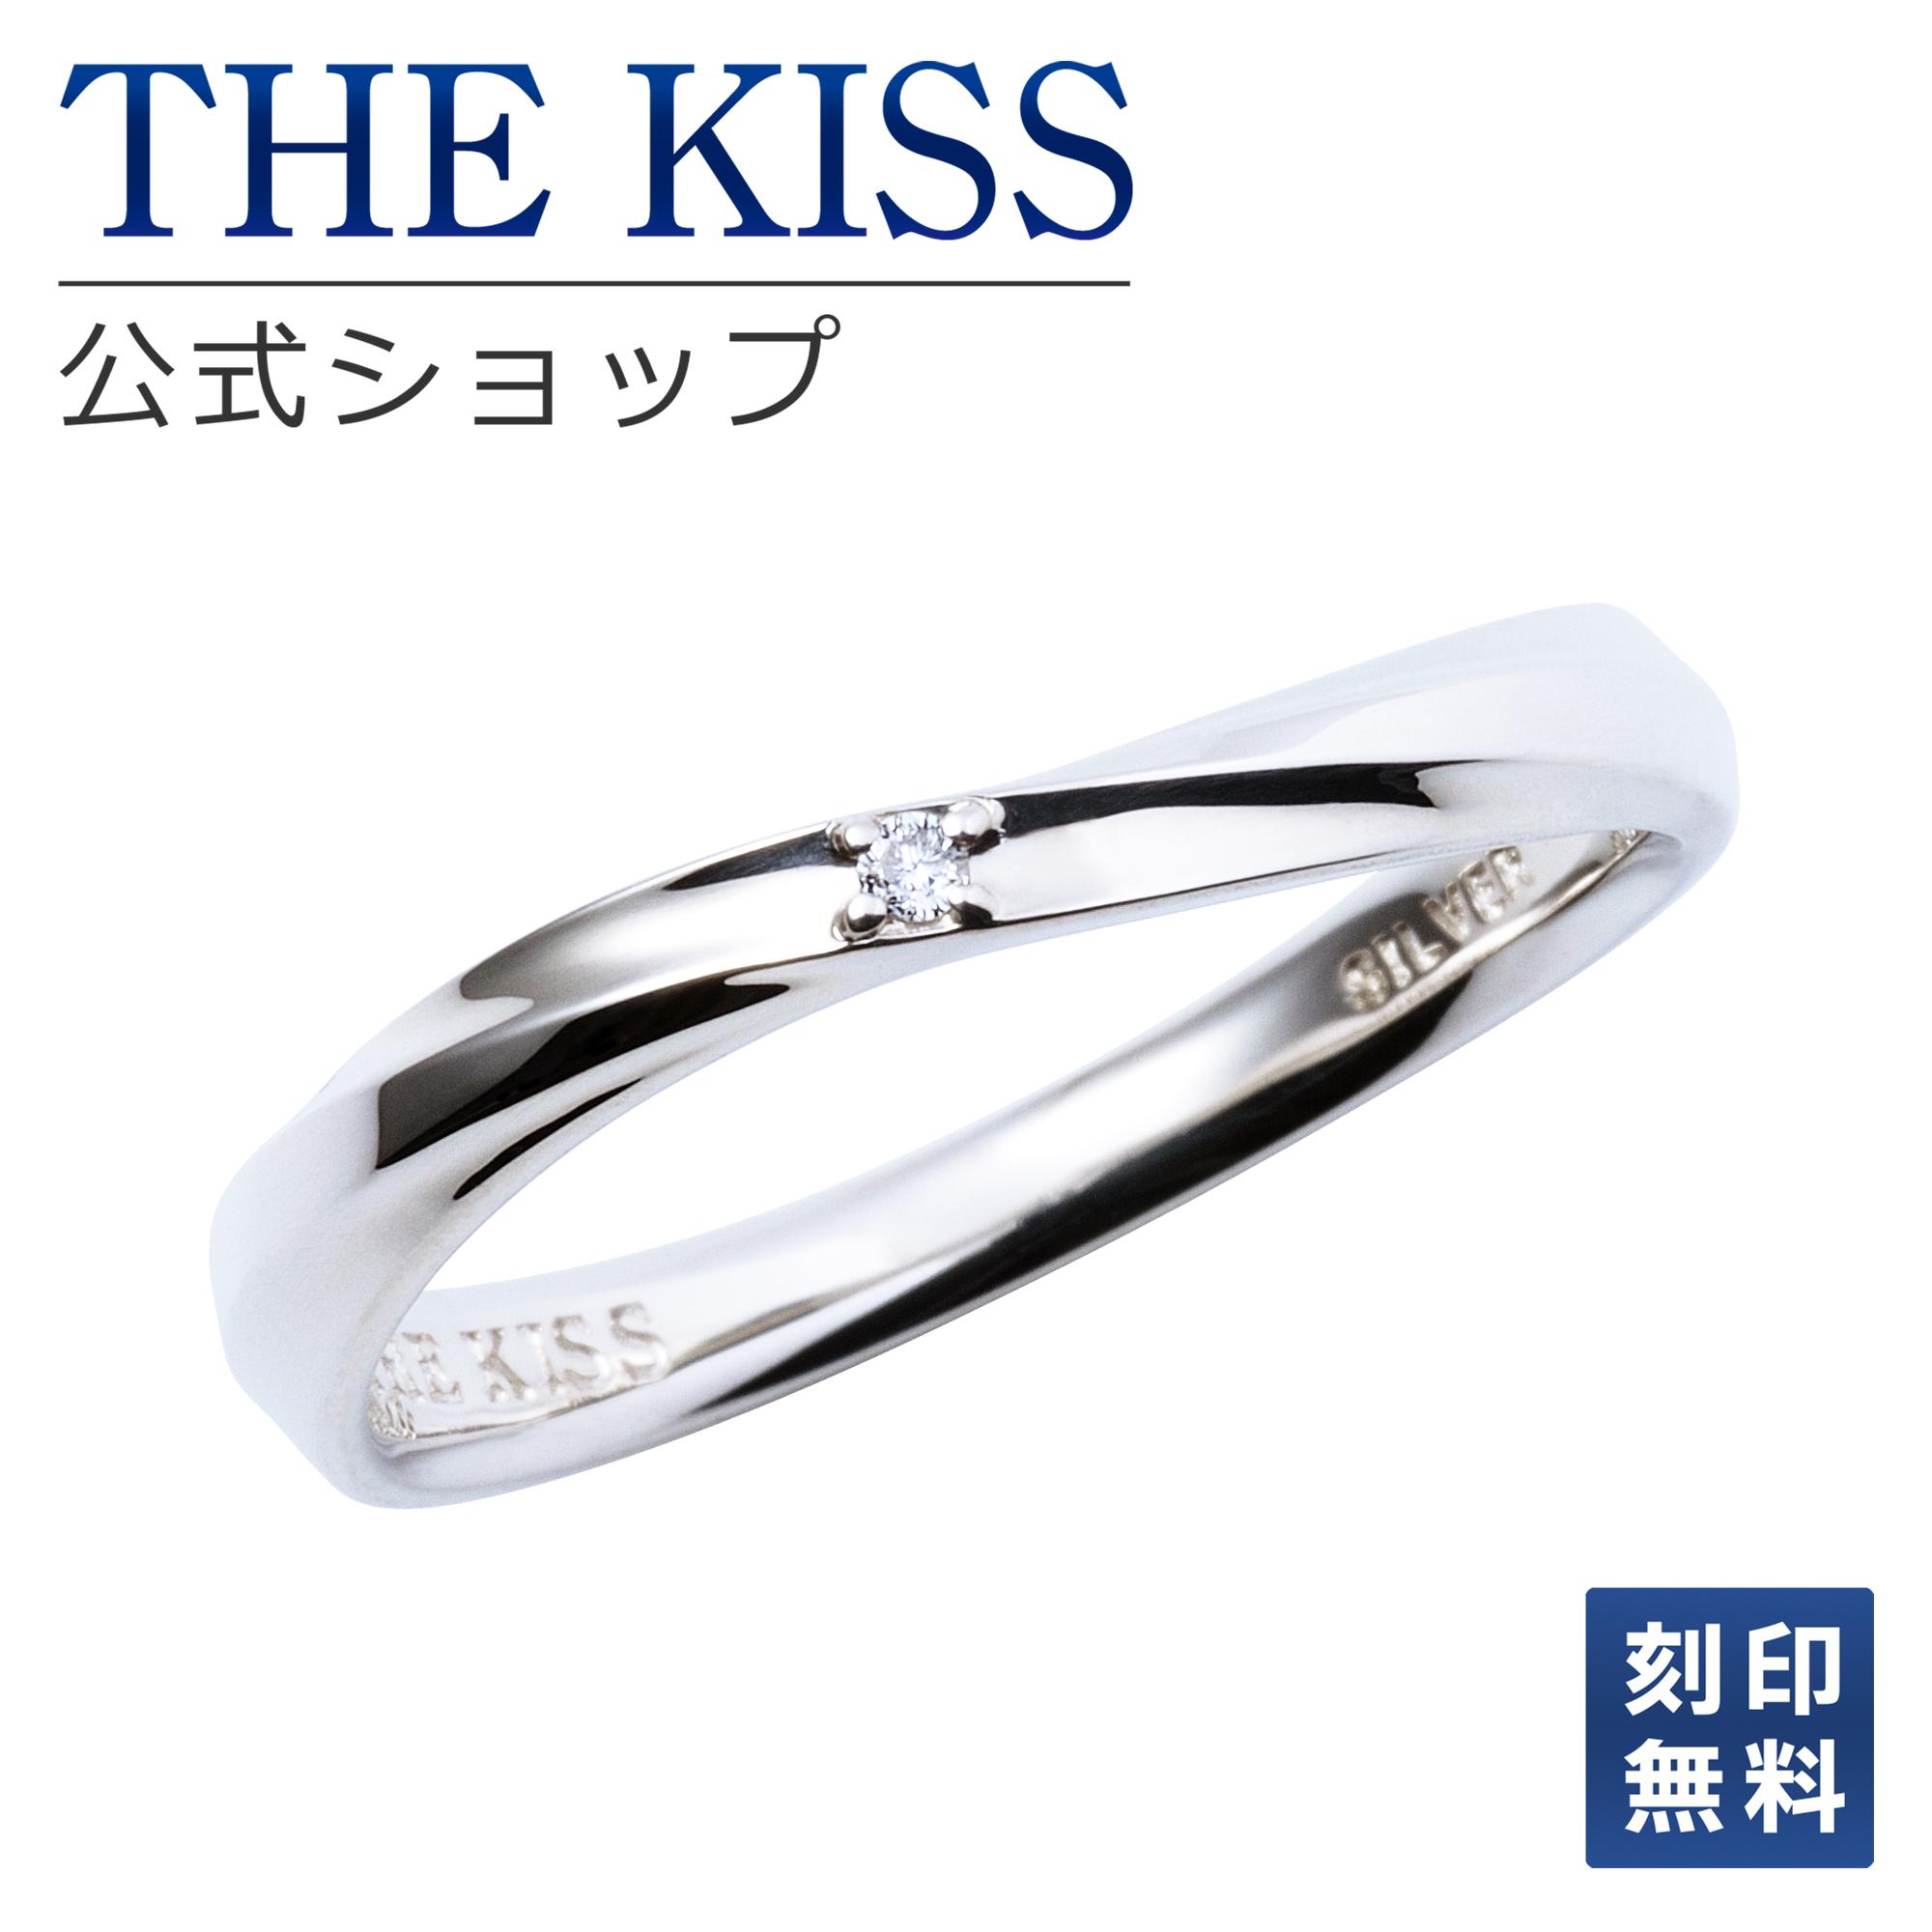 【あす楽対応】THE KISS 公式サイト シルバー ペアリング (メンズ 単品 ) ダイヤモンド ペアアクセサリー カップル に 人気 の ジュエリーブランド THEKISS ペア リング・指輪 記念日 プレゼント SR1864DM ザキス 【送料無料】